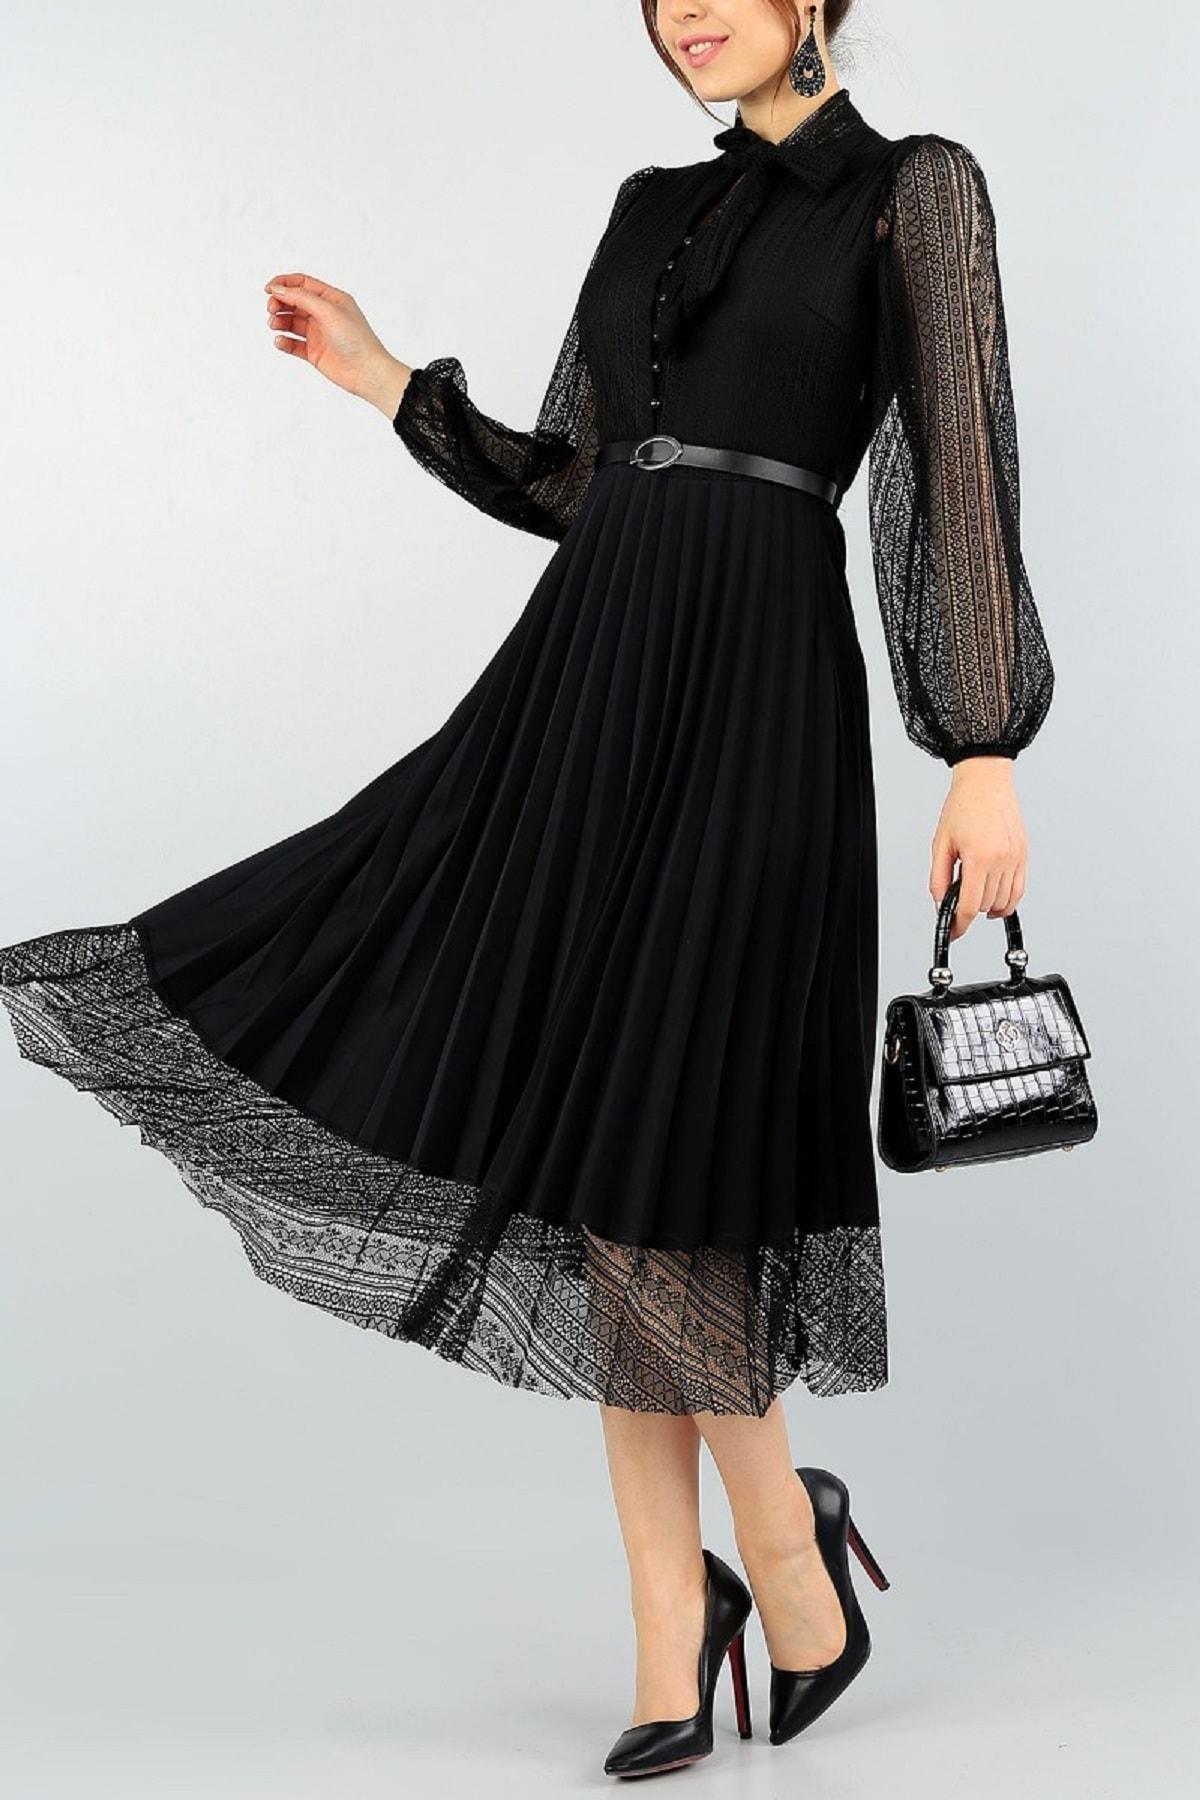 Kadın Siyah Dantelli Kemerli Pileli Tasarım Abiye Elbise